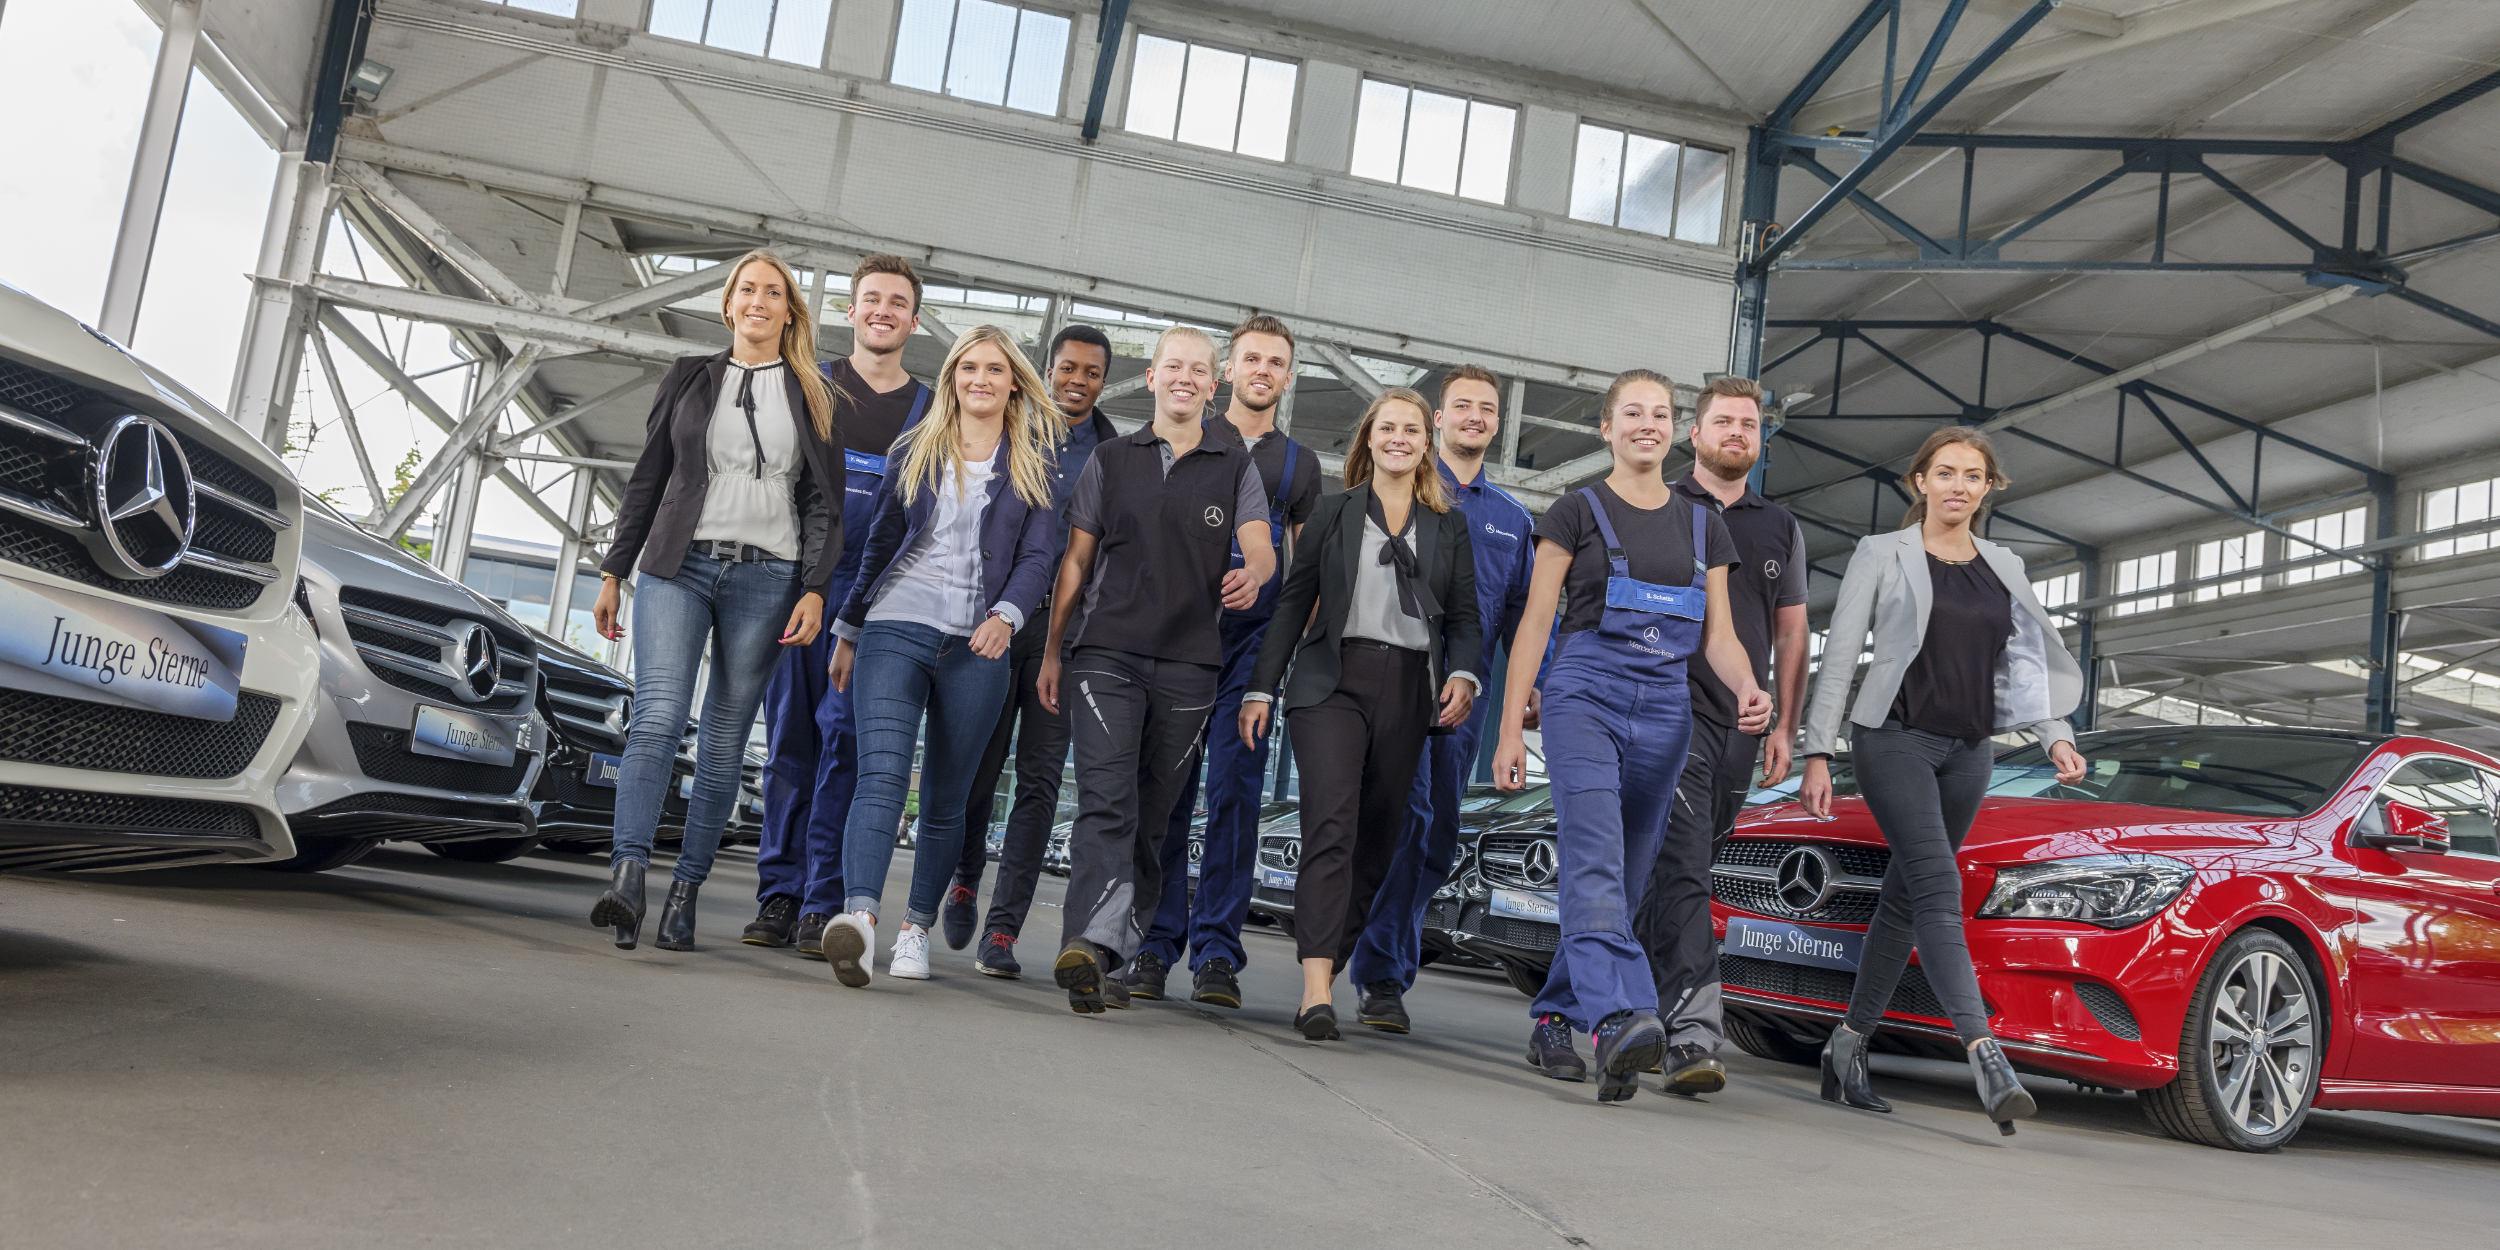 Mercedes Benz AZUBI Kampagne Hamburg Teambuilding laufende Gruppe Auszubildender Junge Sterne